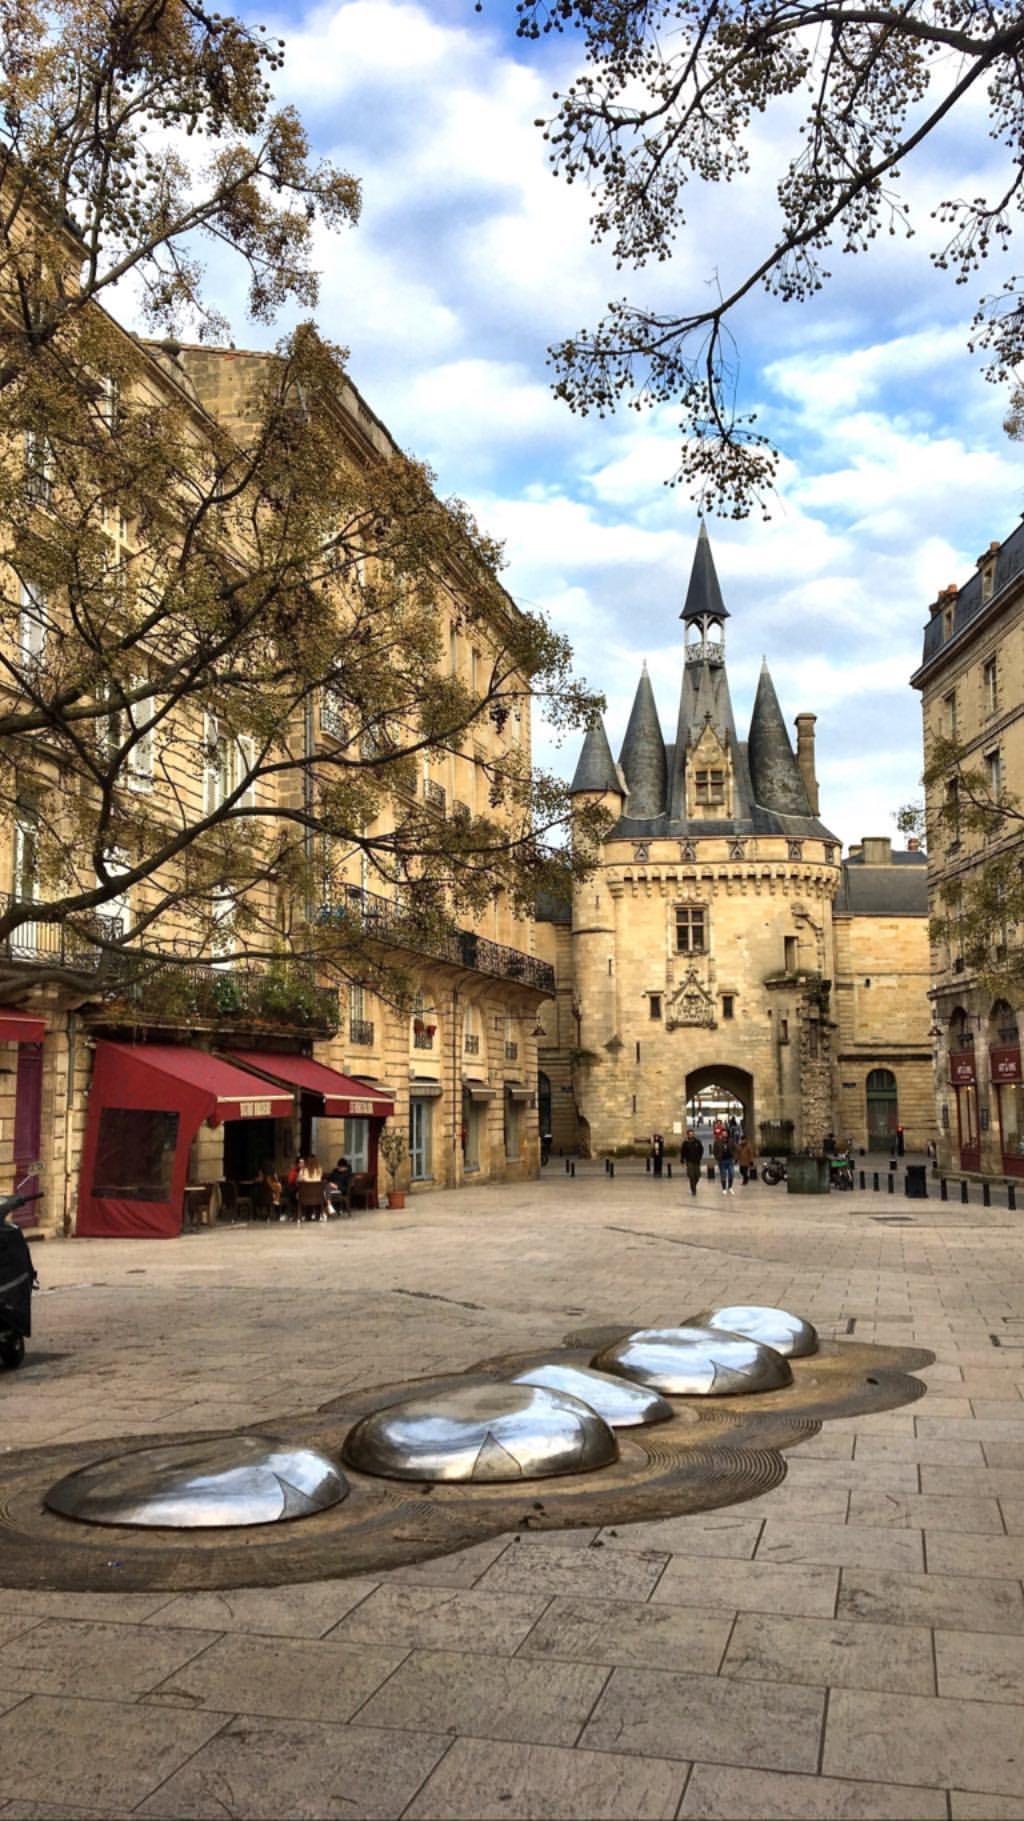 qué hacer en Francia - Burdeos